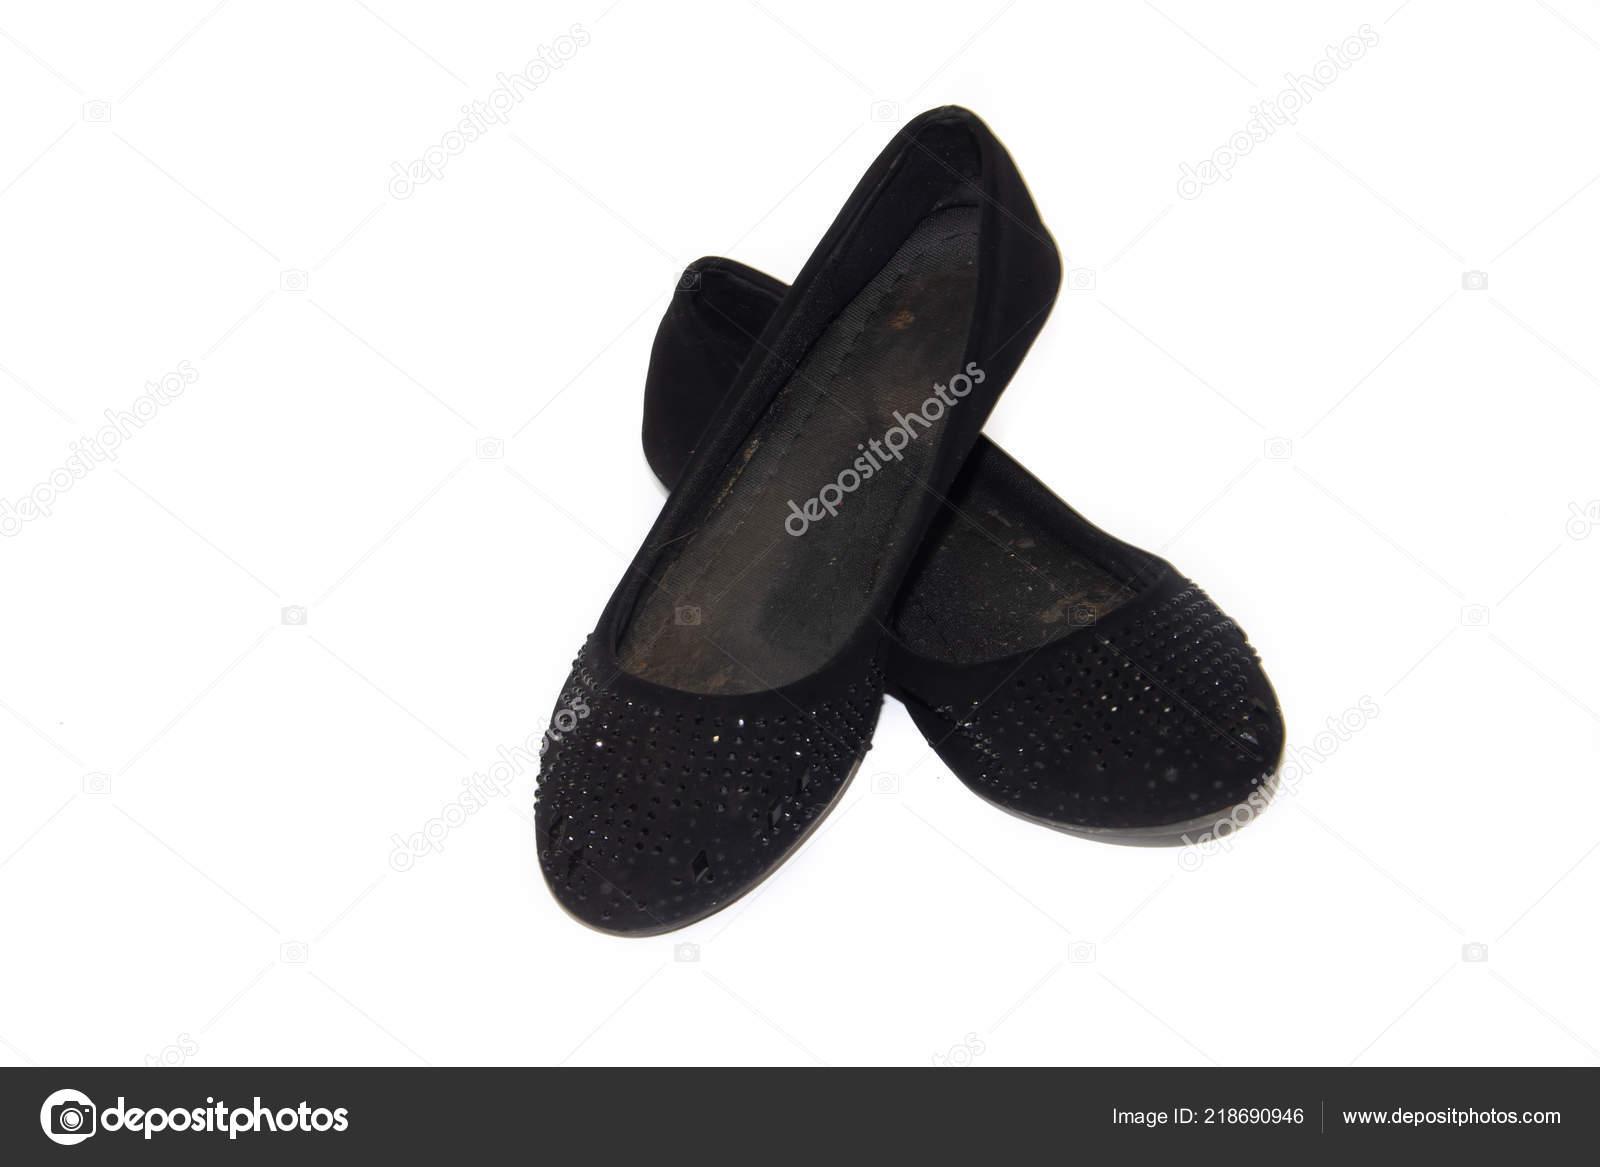 5800cabd5e Dámská obuv. Dámská letní obuv. Obchodní černé baleríny na bílém pozadí.  Boty bez podpatku. Pohodlné boty pro volný čas — Fotografie od ...